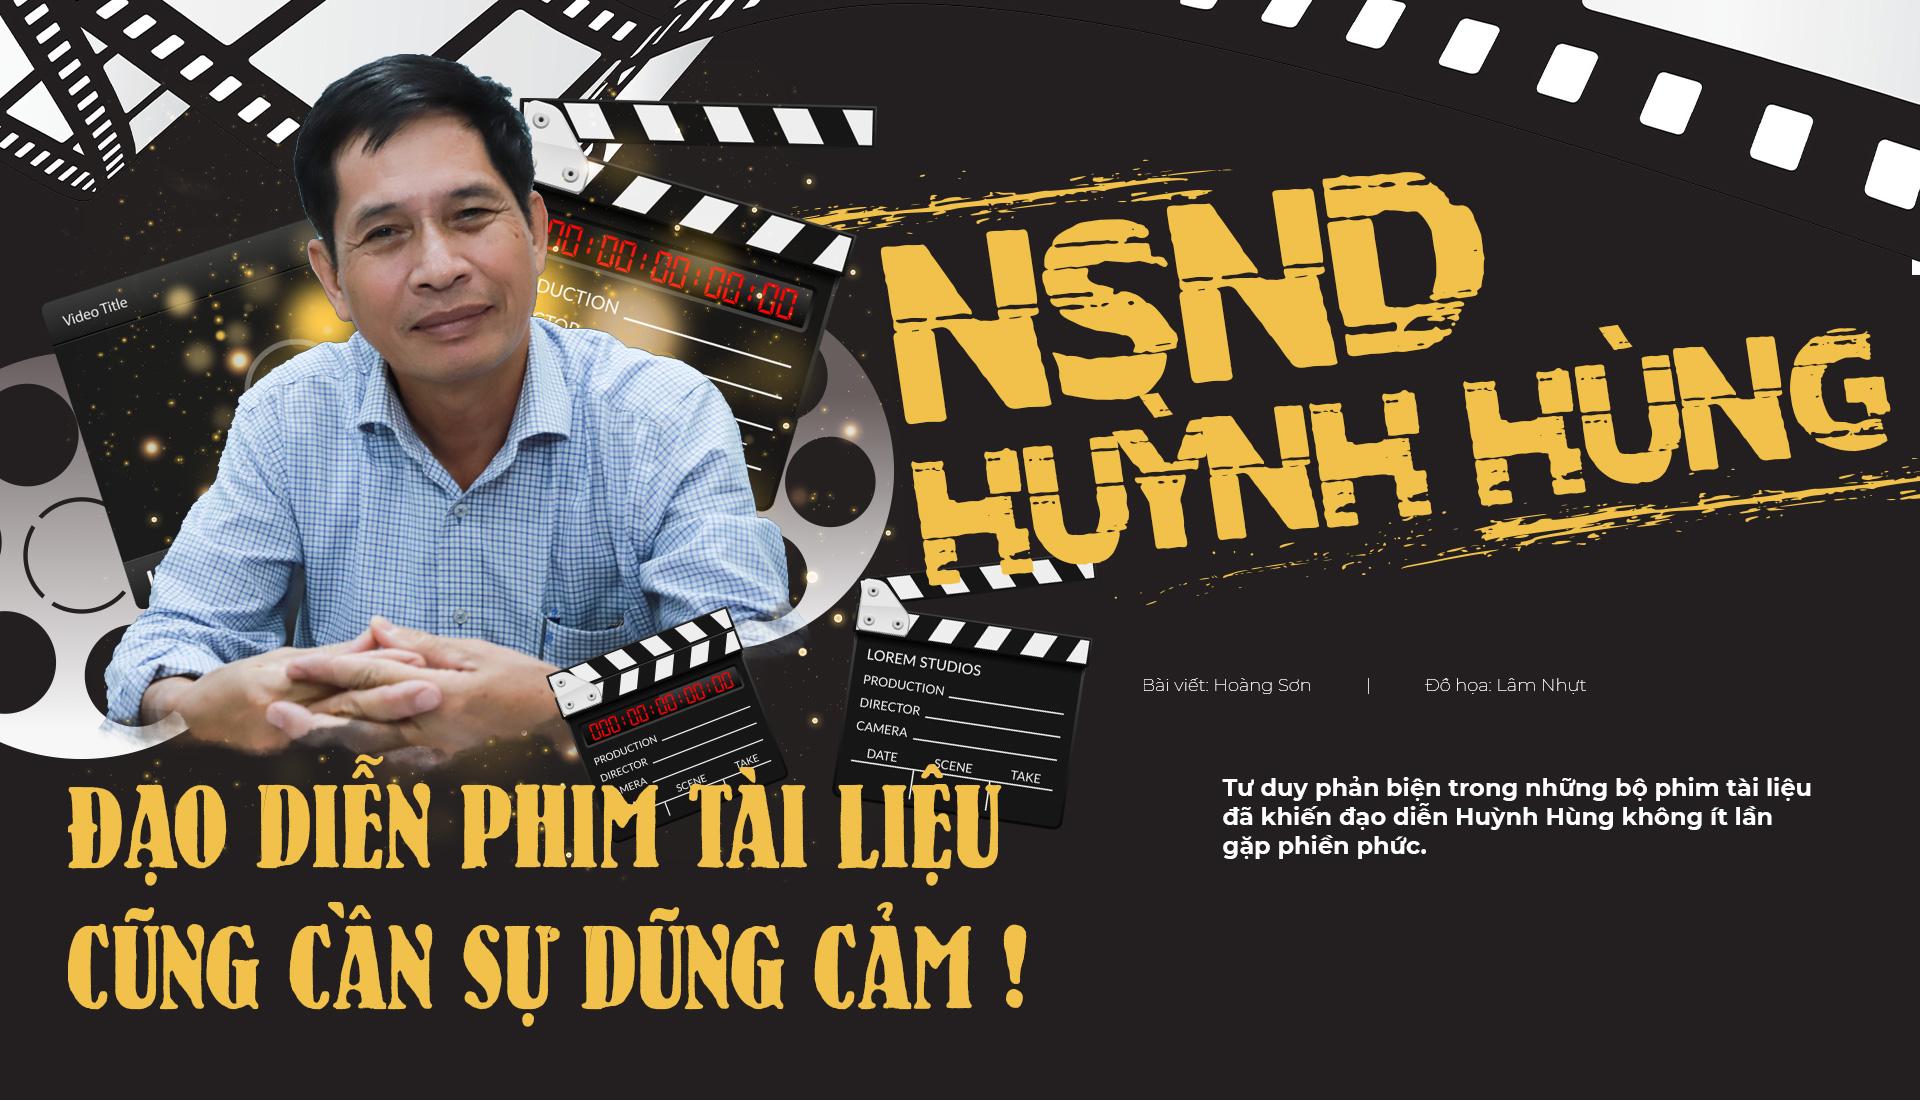 NSND Huỳnh Hùng: Đạo diễn phim tài liệu cũng cần sự dũng cảm